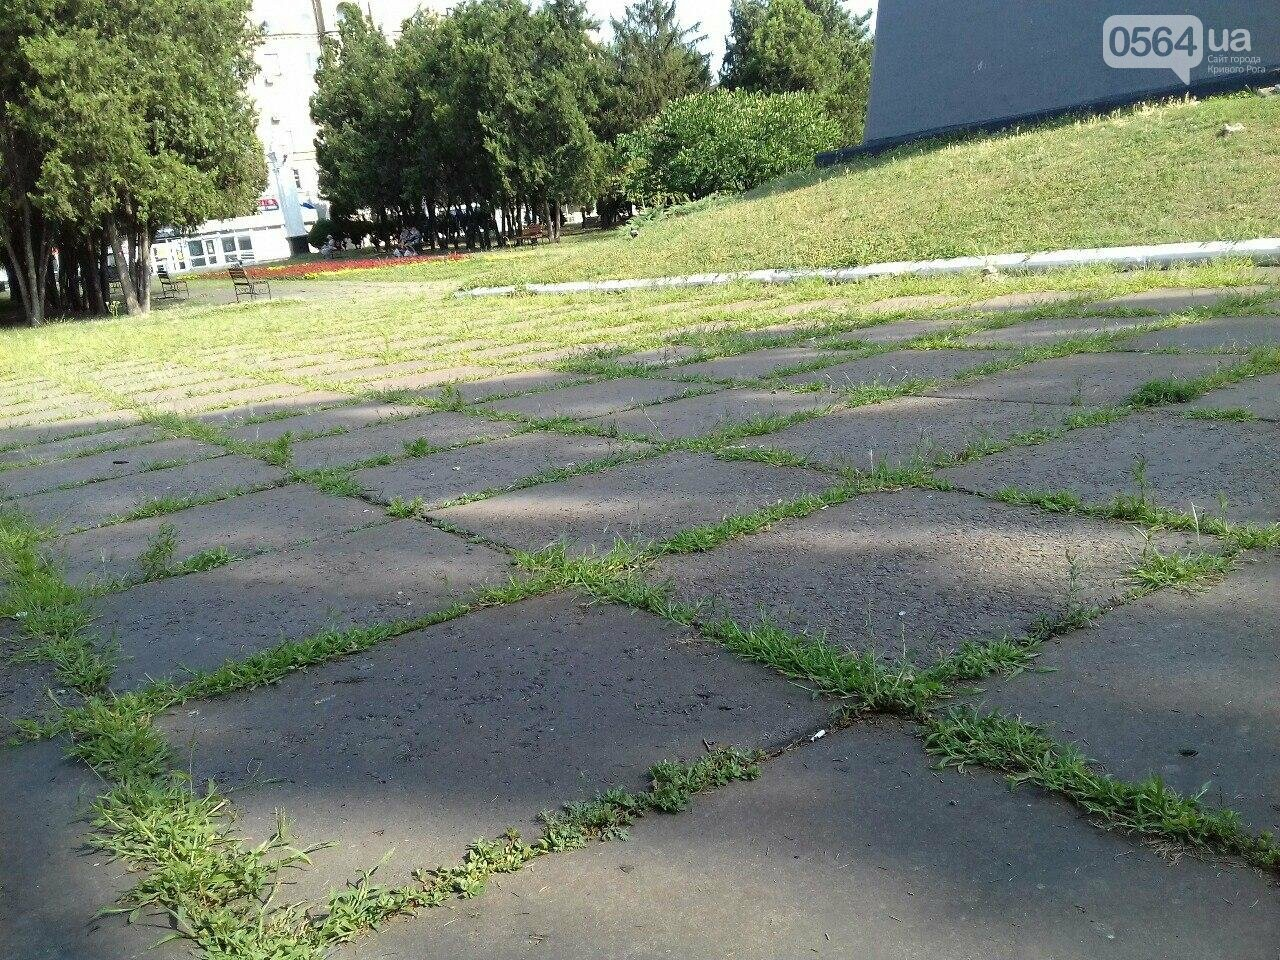 В сквере на центральной площади Кривого Рога воцарилась разруха, - ФОТО, фото-8